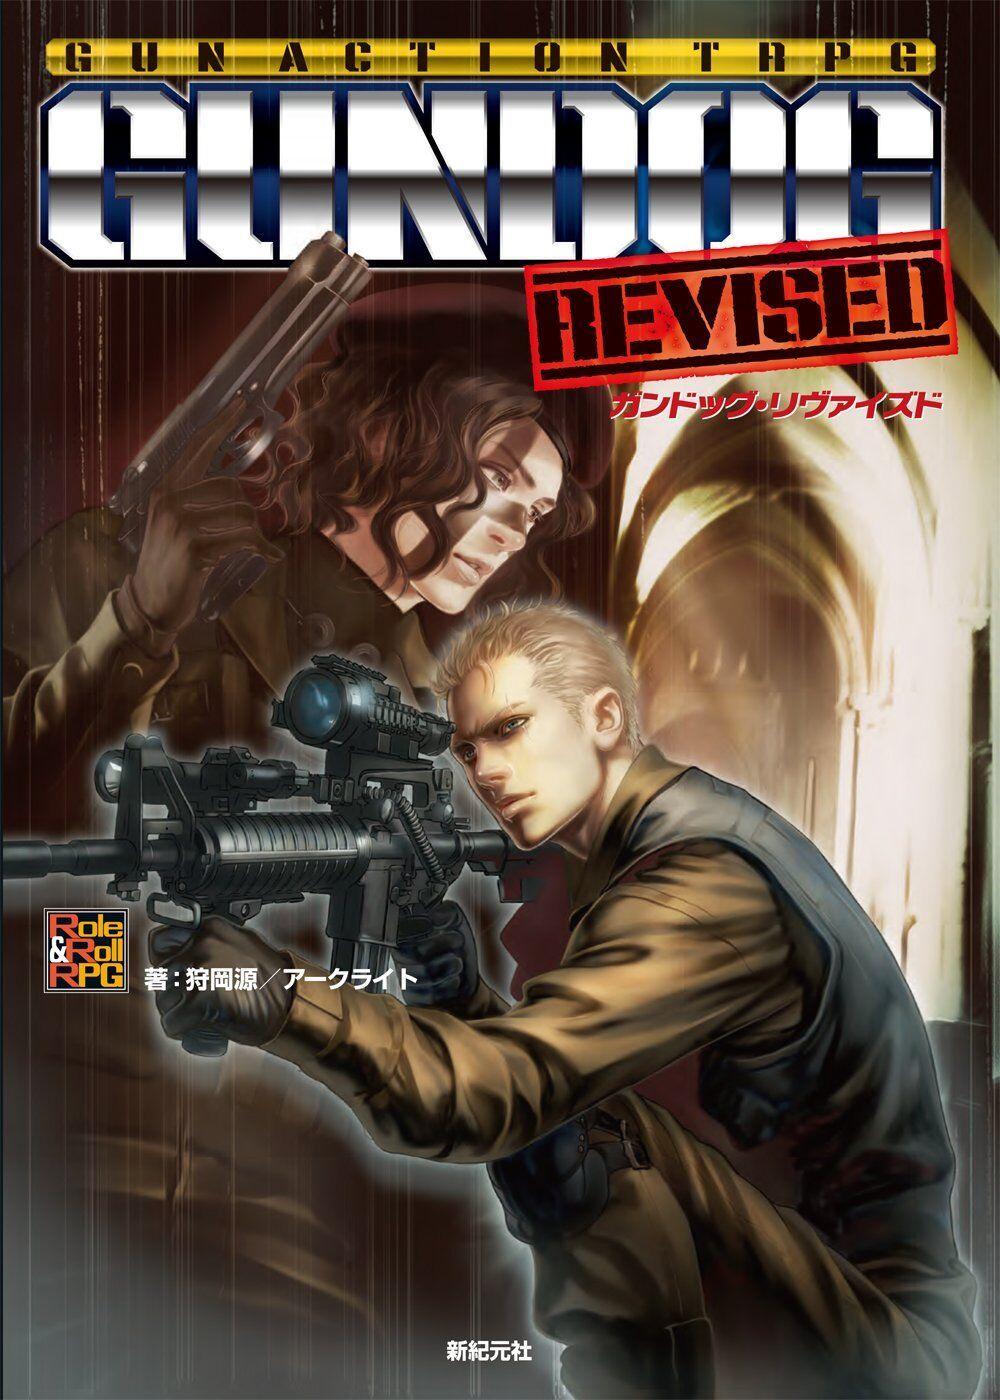 Pistola de acción trpg Sheepdog revisado libro juego granada de cohete propulsado